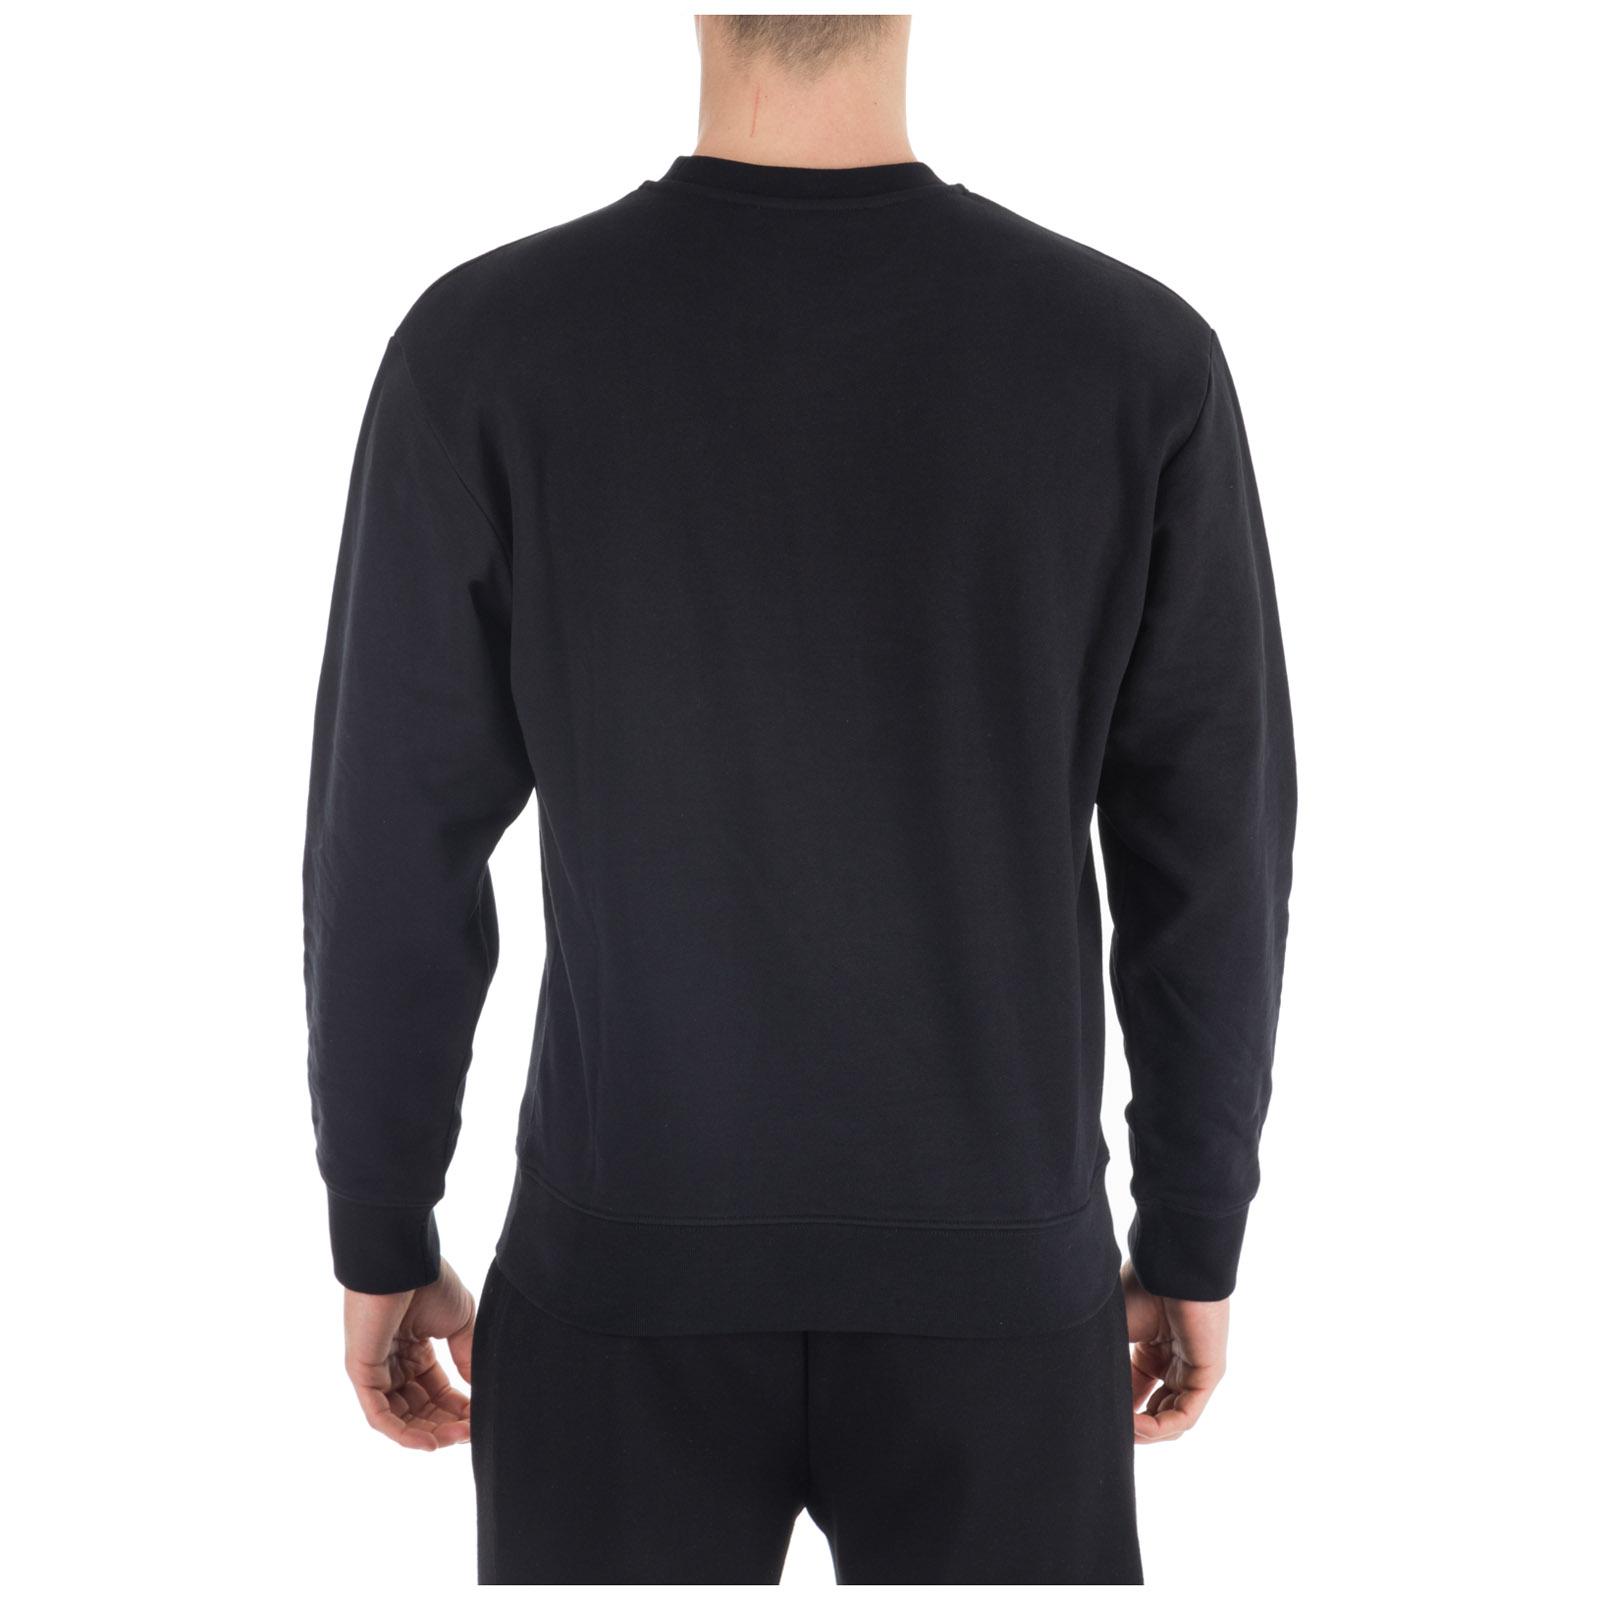 Men's sweatshirt sweat